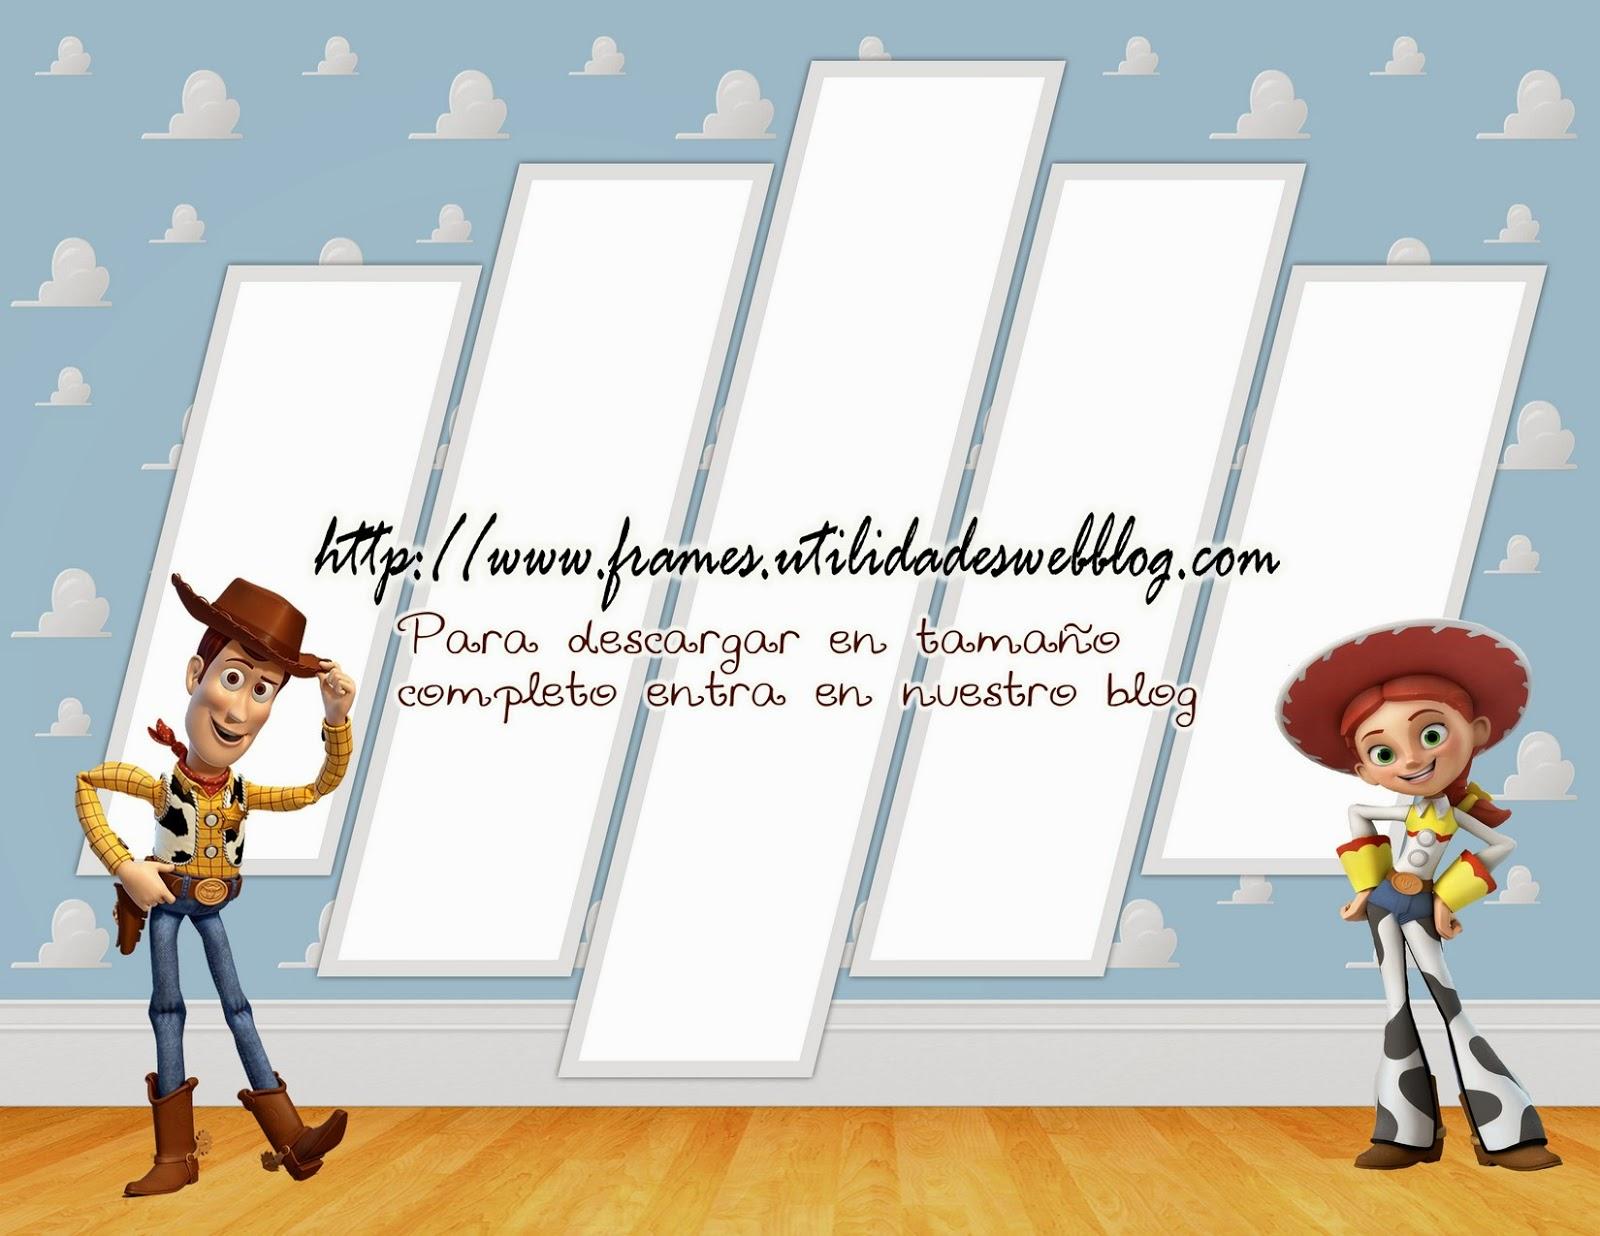 2marcos para hacer fotomontajes de Woody y Jessie